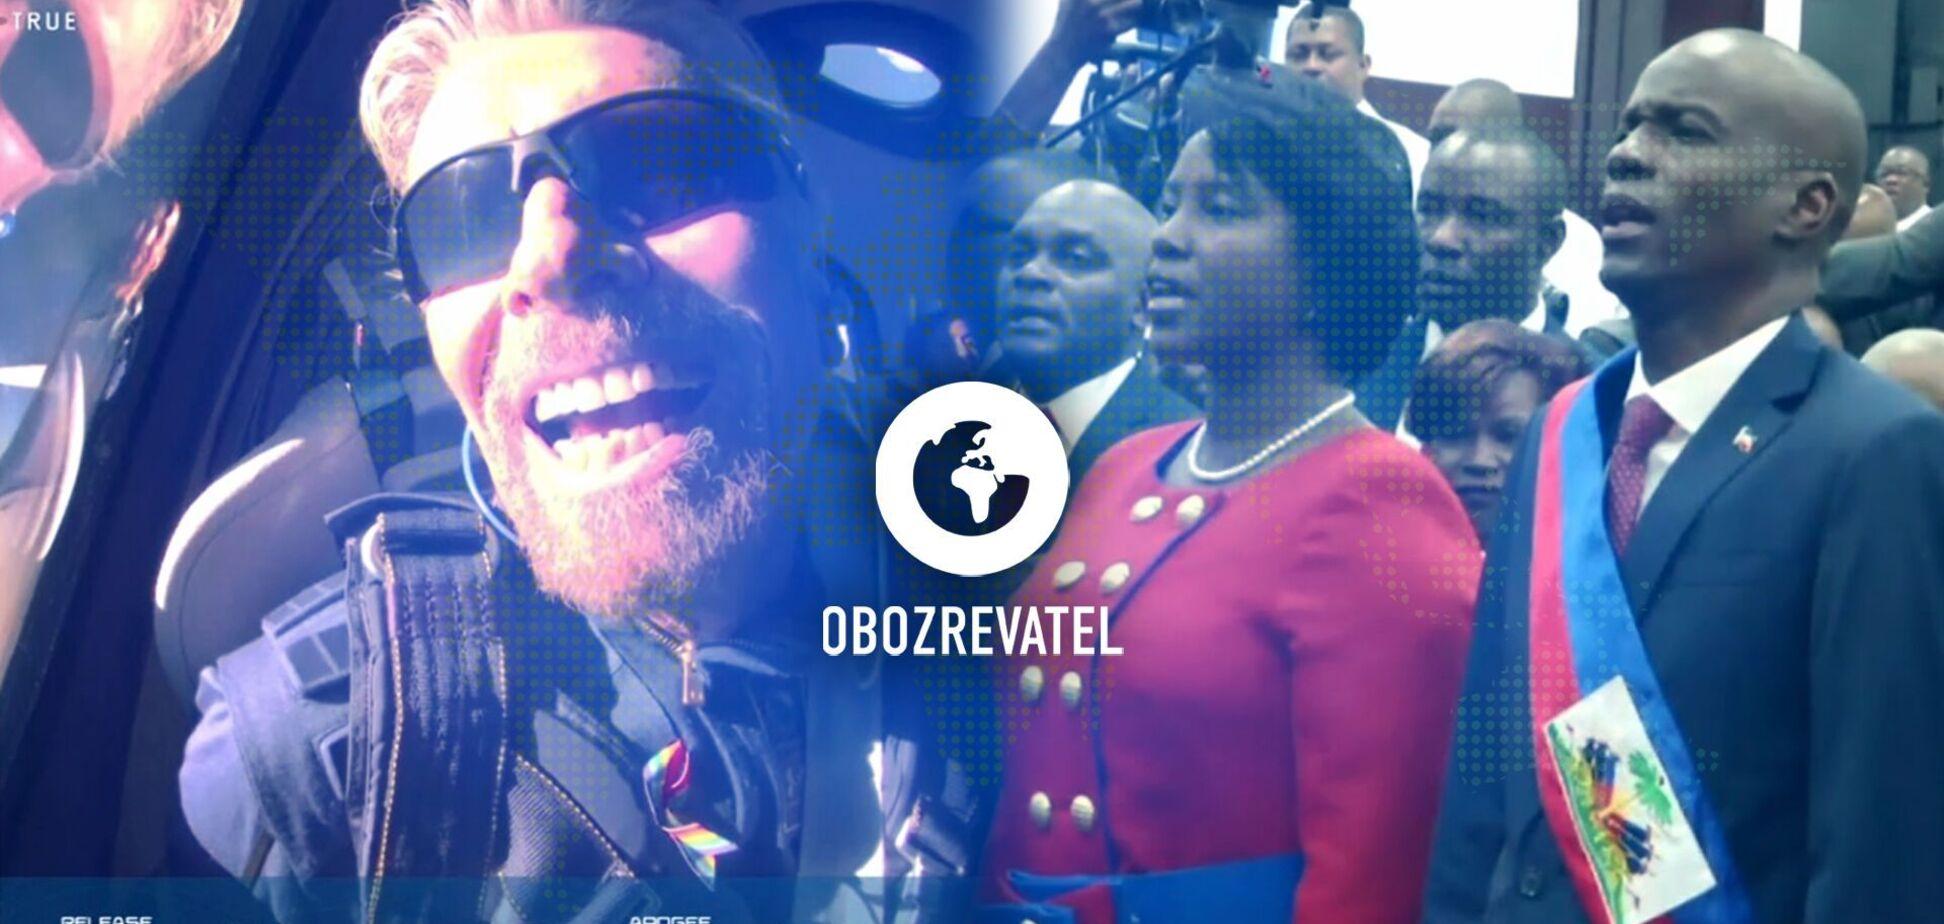 Первое заявление жены убитого президента Гаити и осуществление мечты британского миллиардера – дайджест международных событий